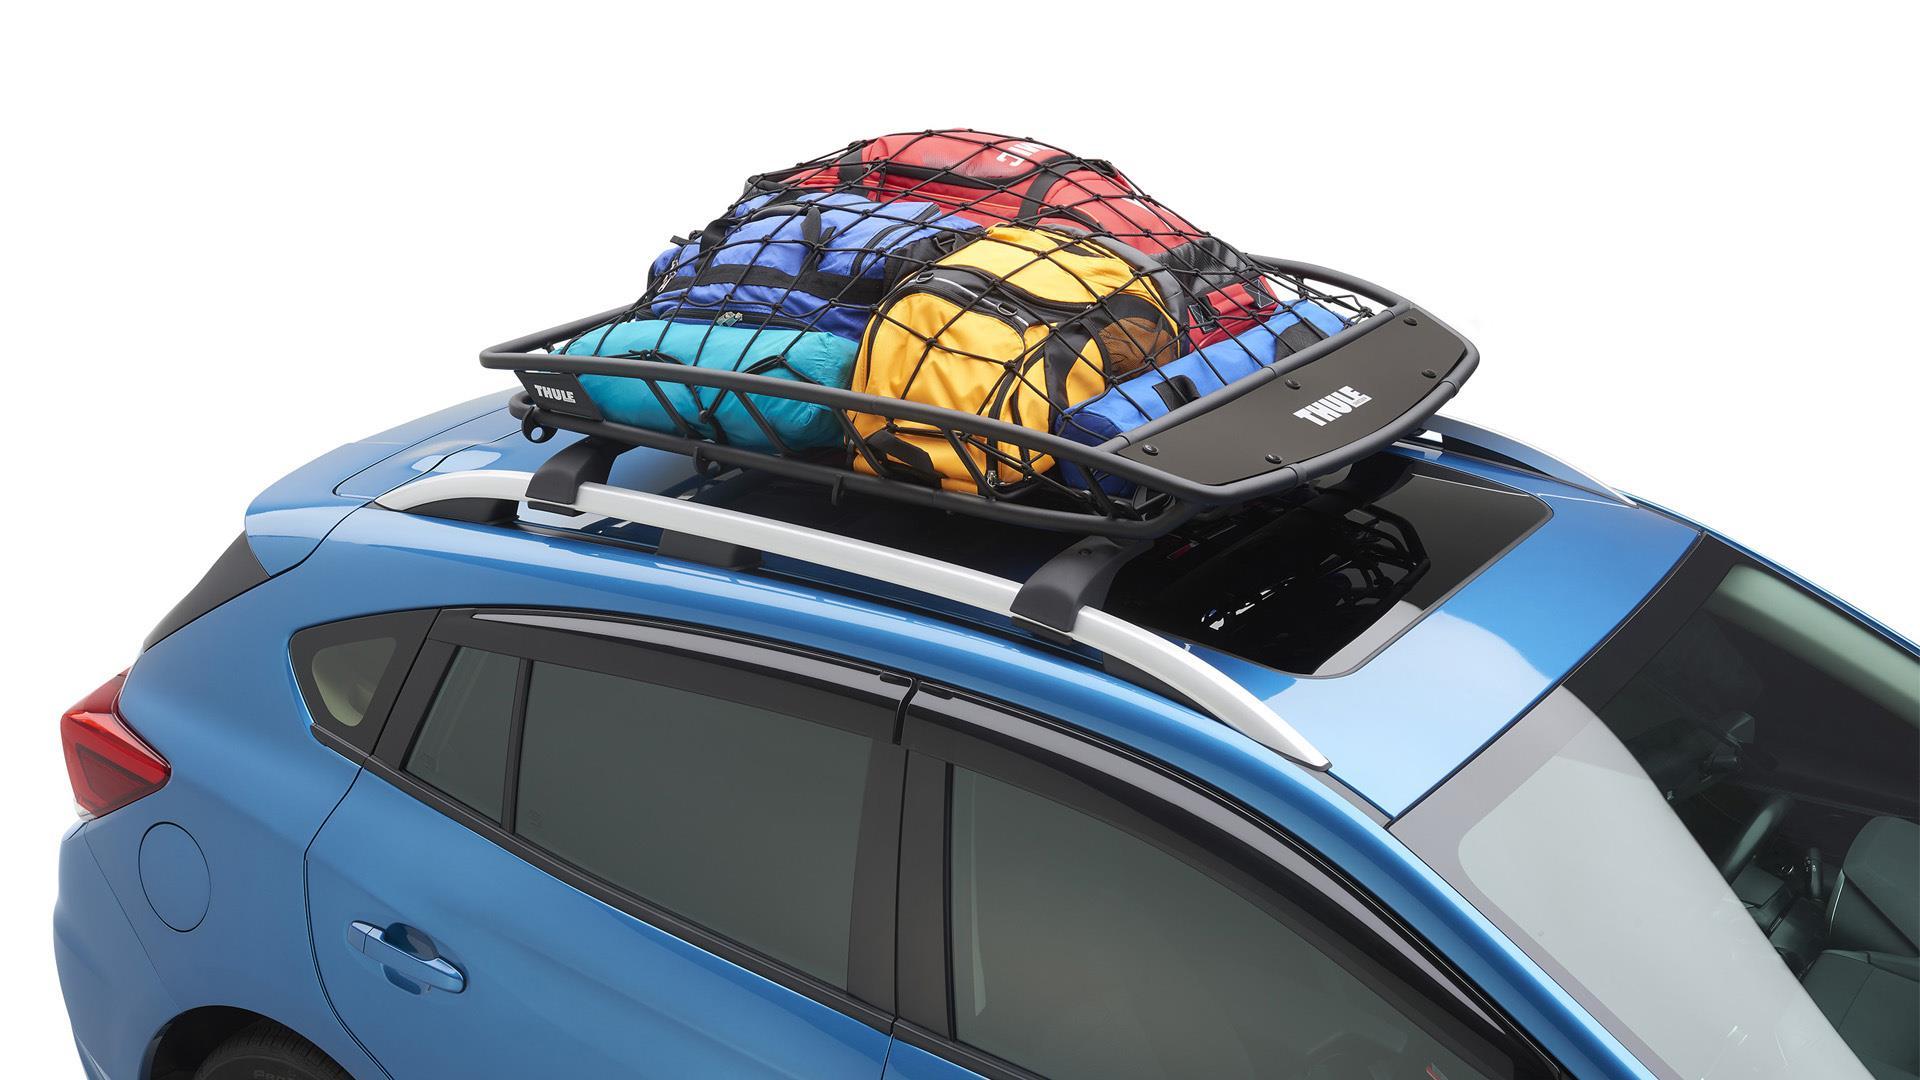 2016 Subaru Forester Thule Heavy Duty Cargo Basket Easy